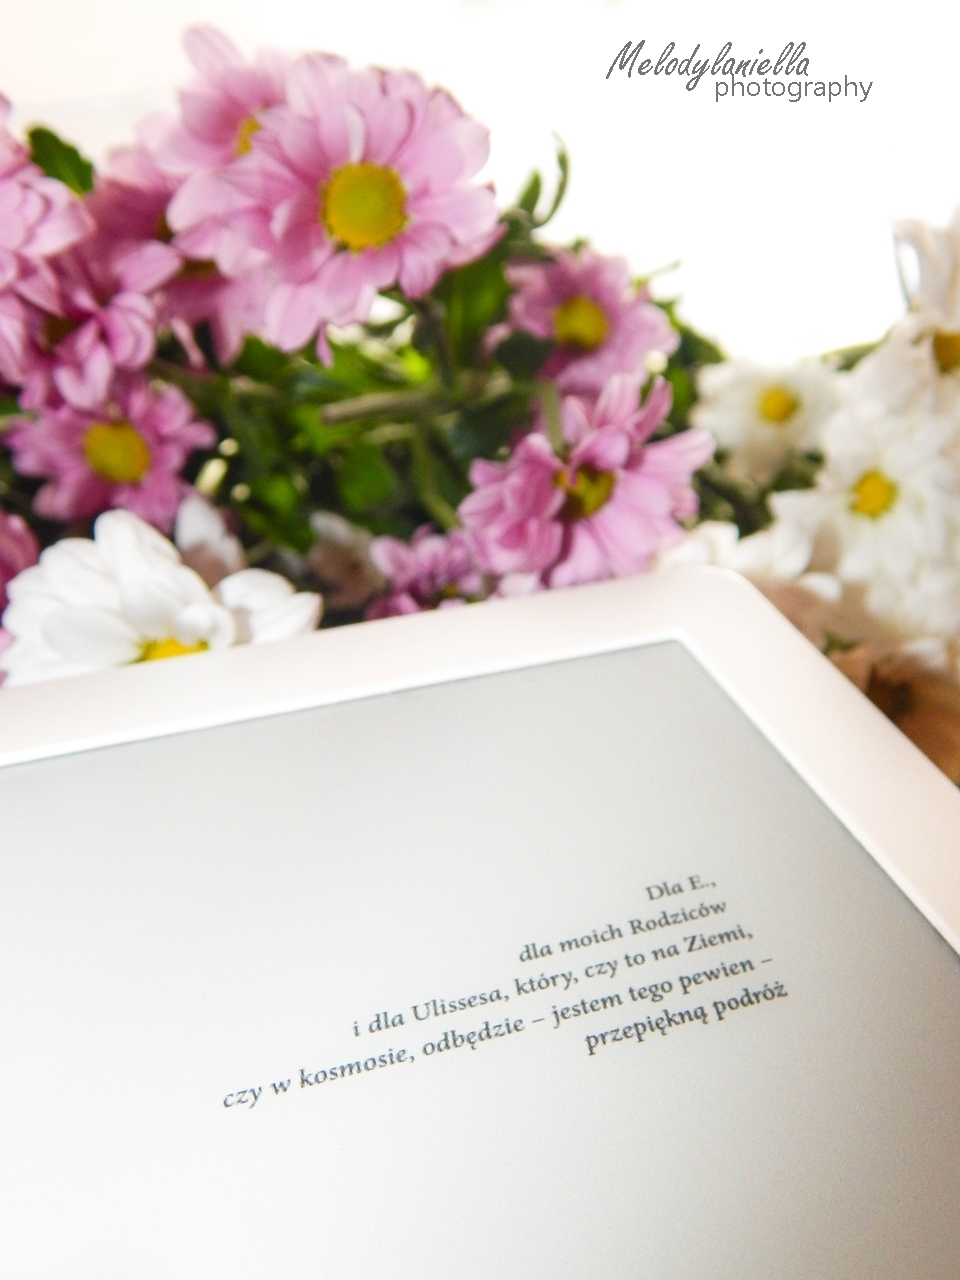 fobos czytnik ksiazka kawiaty melodylaniella wydawnictwo otwarte recenzja pocket book fobos powiesc